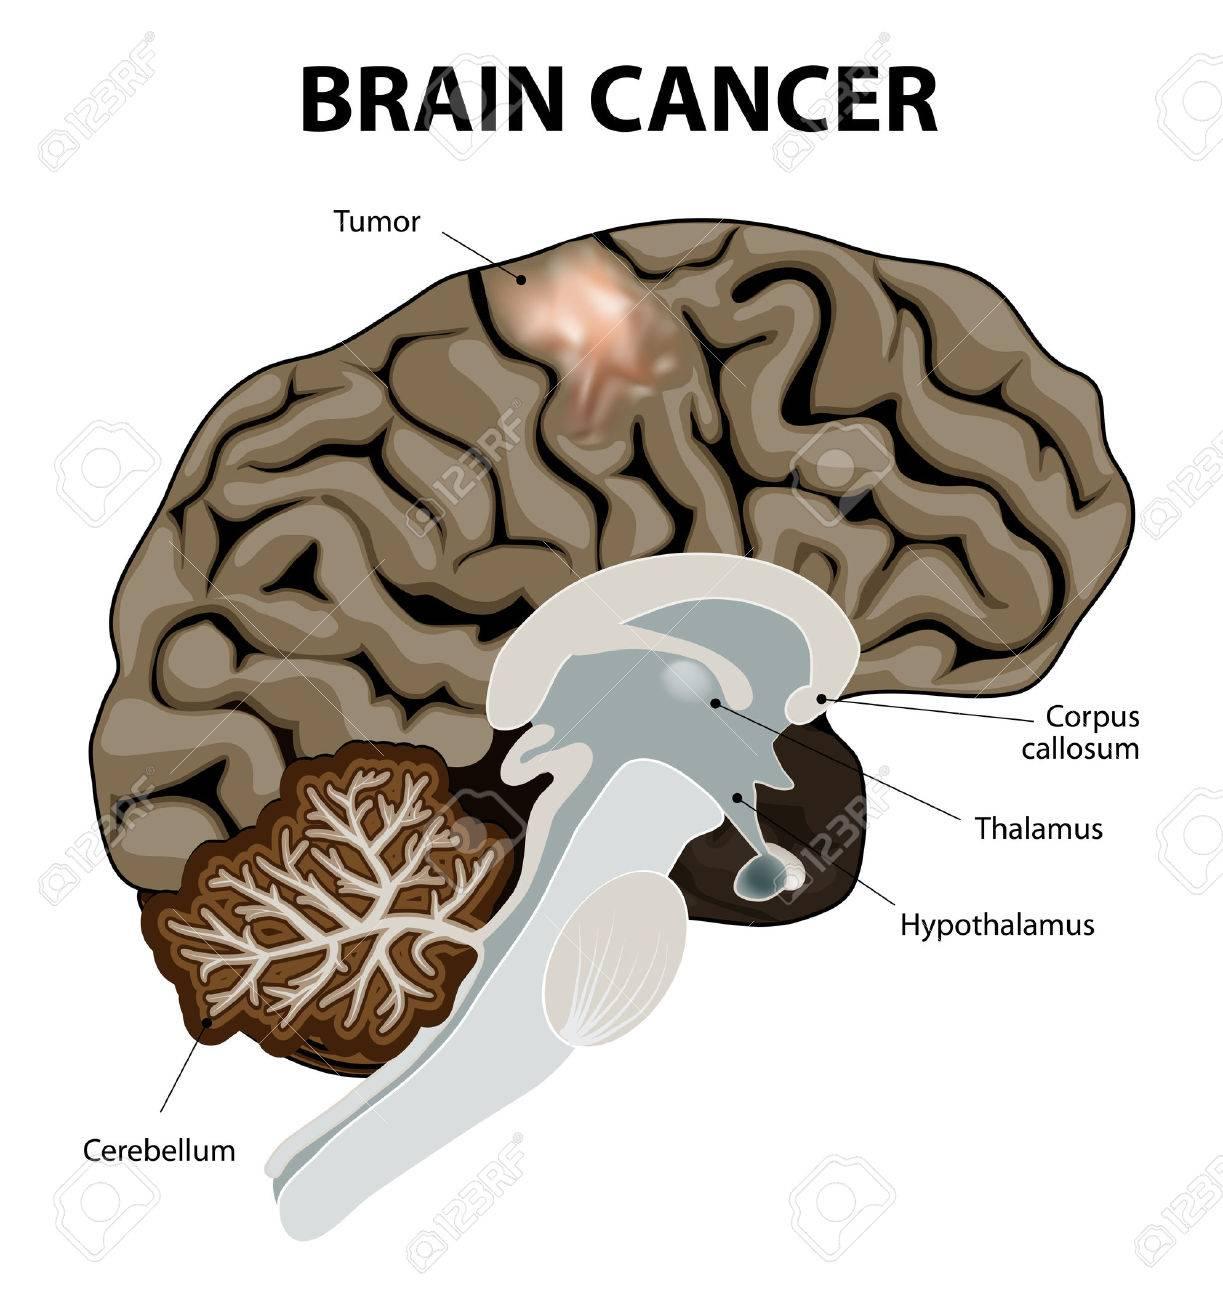 Un Tumor Cerebral Es Un Crecimiento Anormal De Tejido En El Cerebro ...